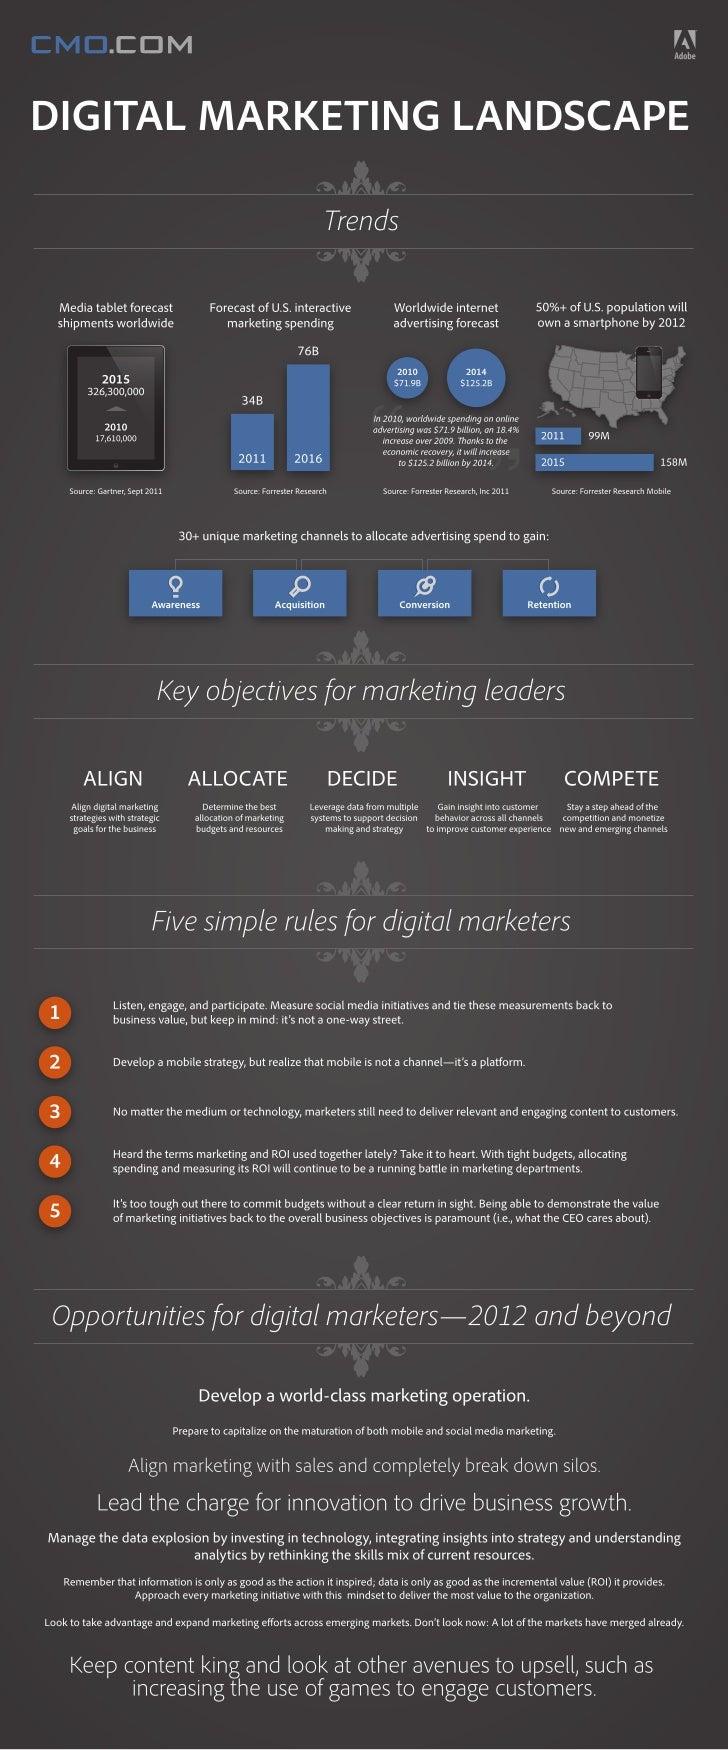 2012 Digital Marketing Landscape